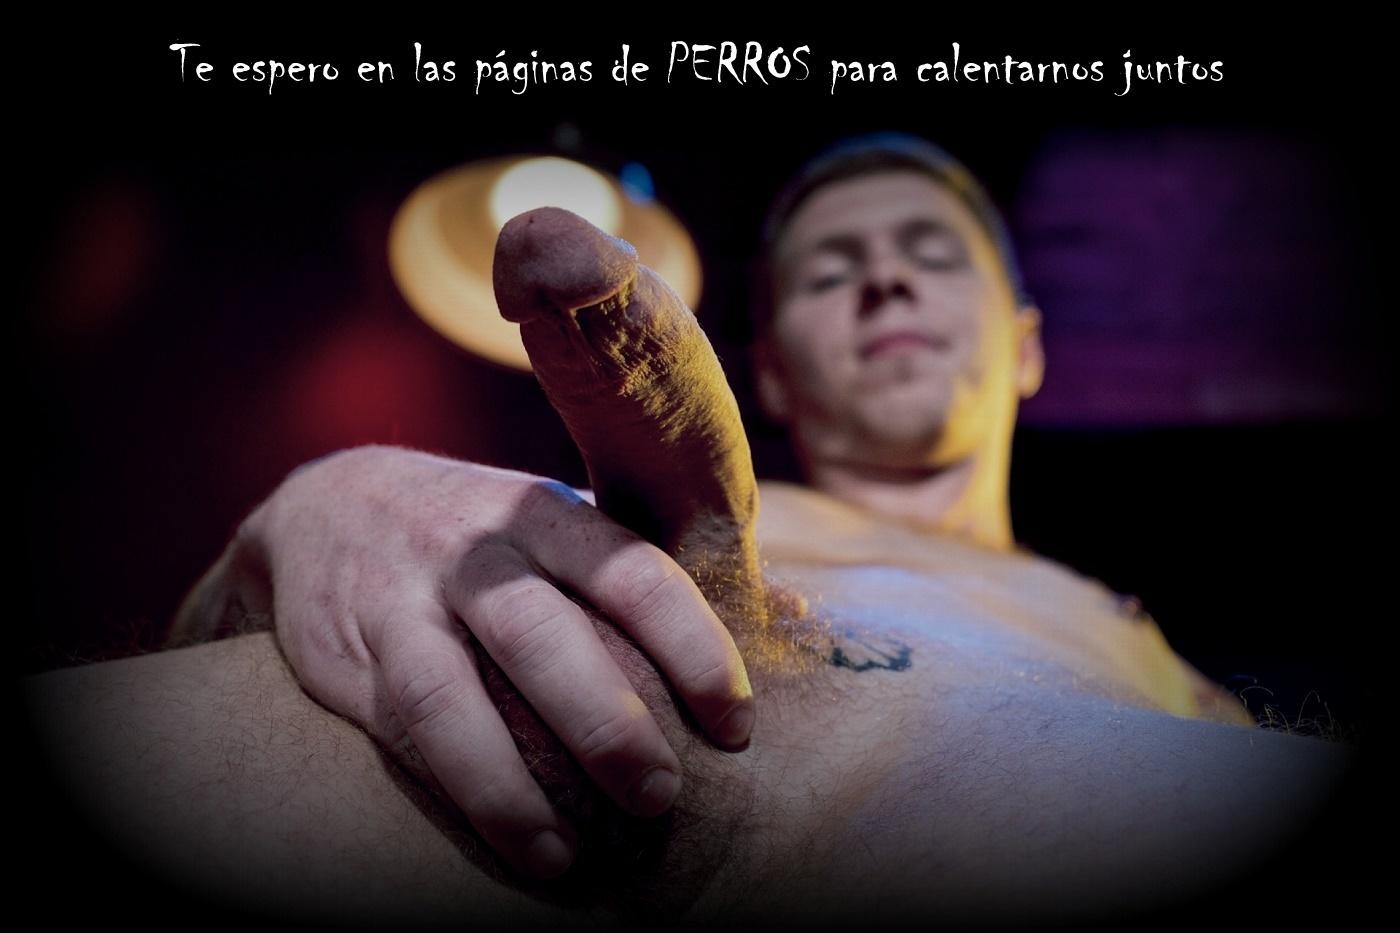 https://nuevaediciondeperros.blogspot.com/2019/11/el-alfa-y-su-perra-18-el-video.html